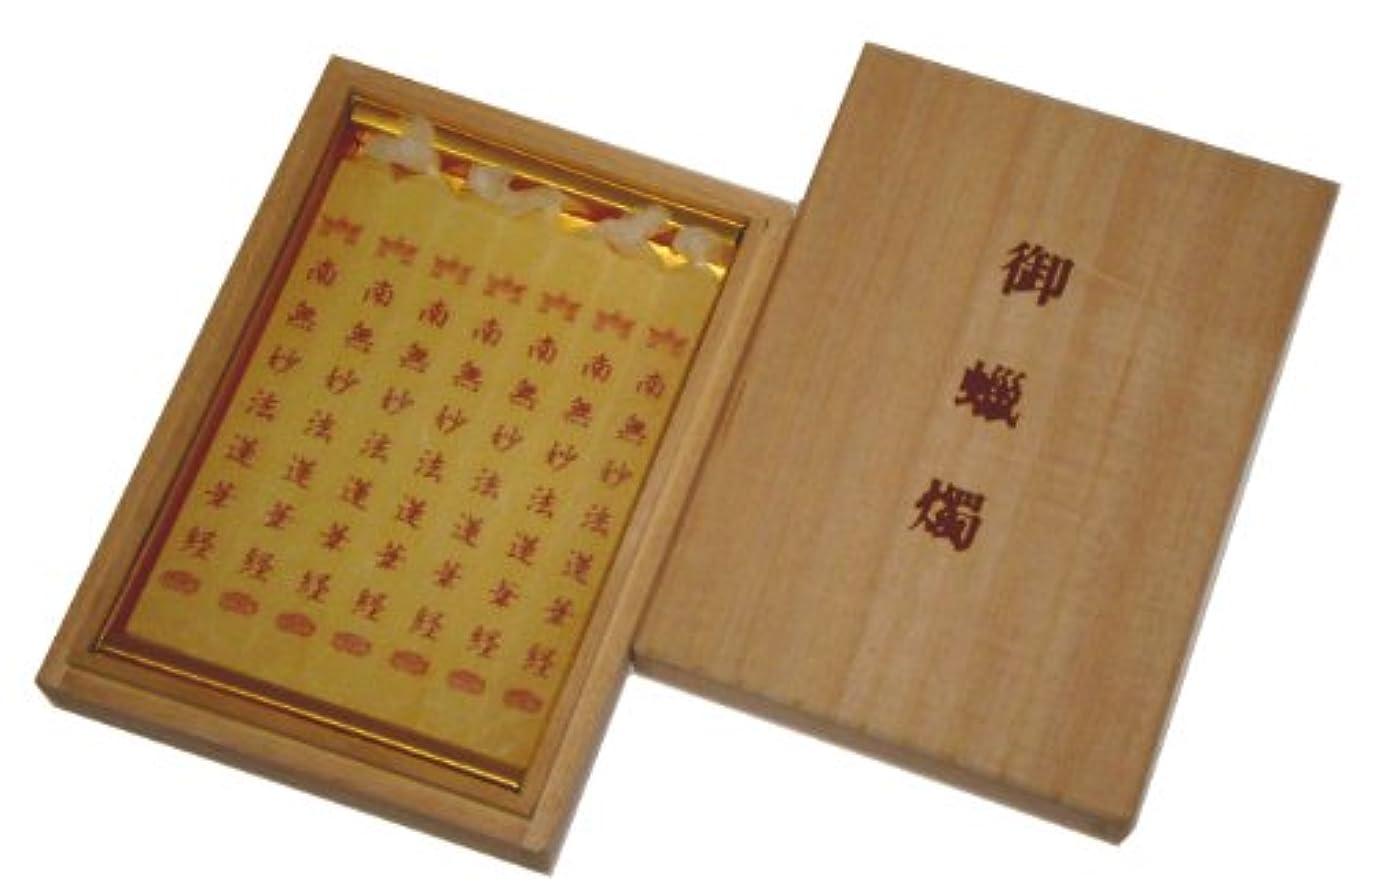 セラーいくつかのオアシス鳥居のローソク 蜜蝋夕映 法蓮 7本入 桐箱 #100722